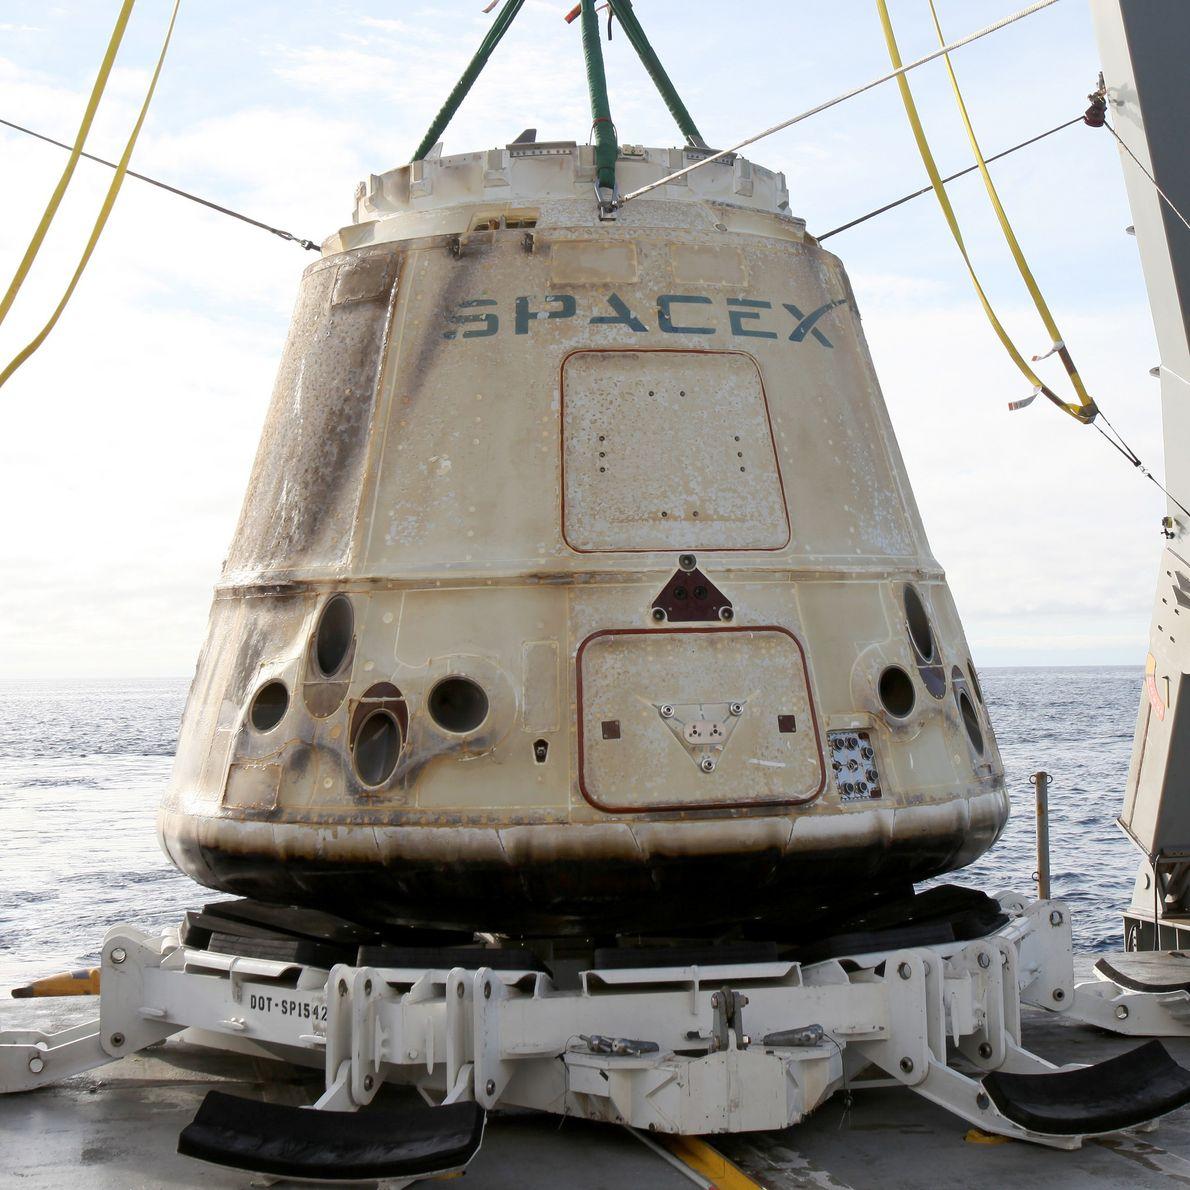 Una cápsula Dragon recuperada del océano Pacífico en 2017.